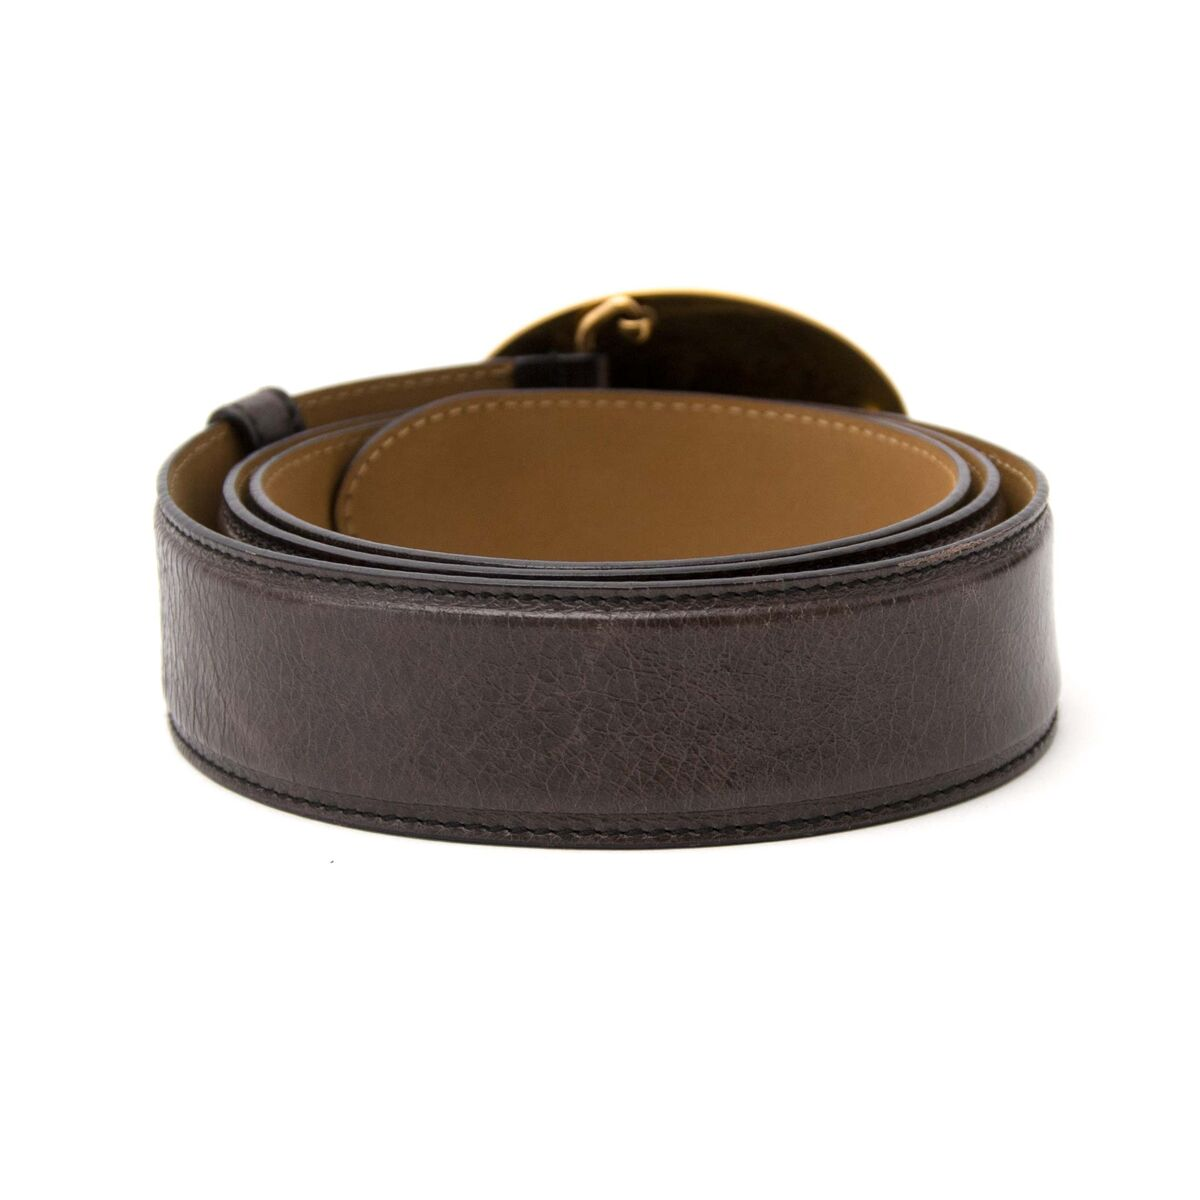 Koop authentieke tweedehands Prada zwarte riem in leder aan een eerlijke prijs bij LabelLOV. Veilig online shoppen.